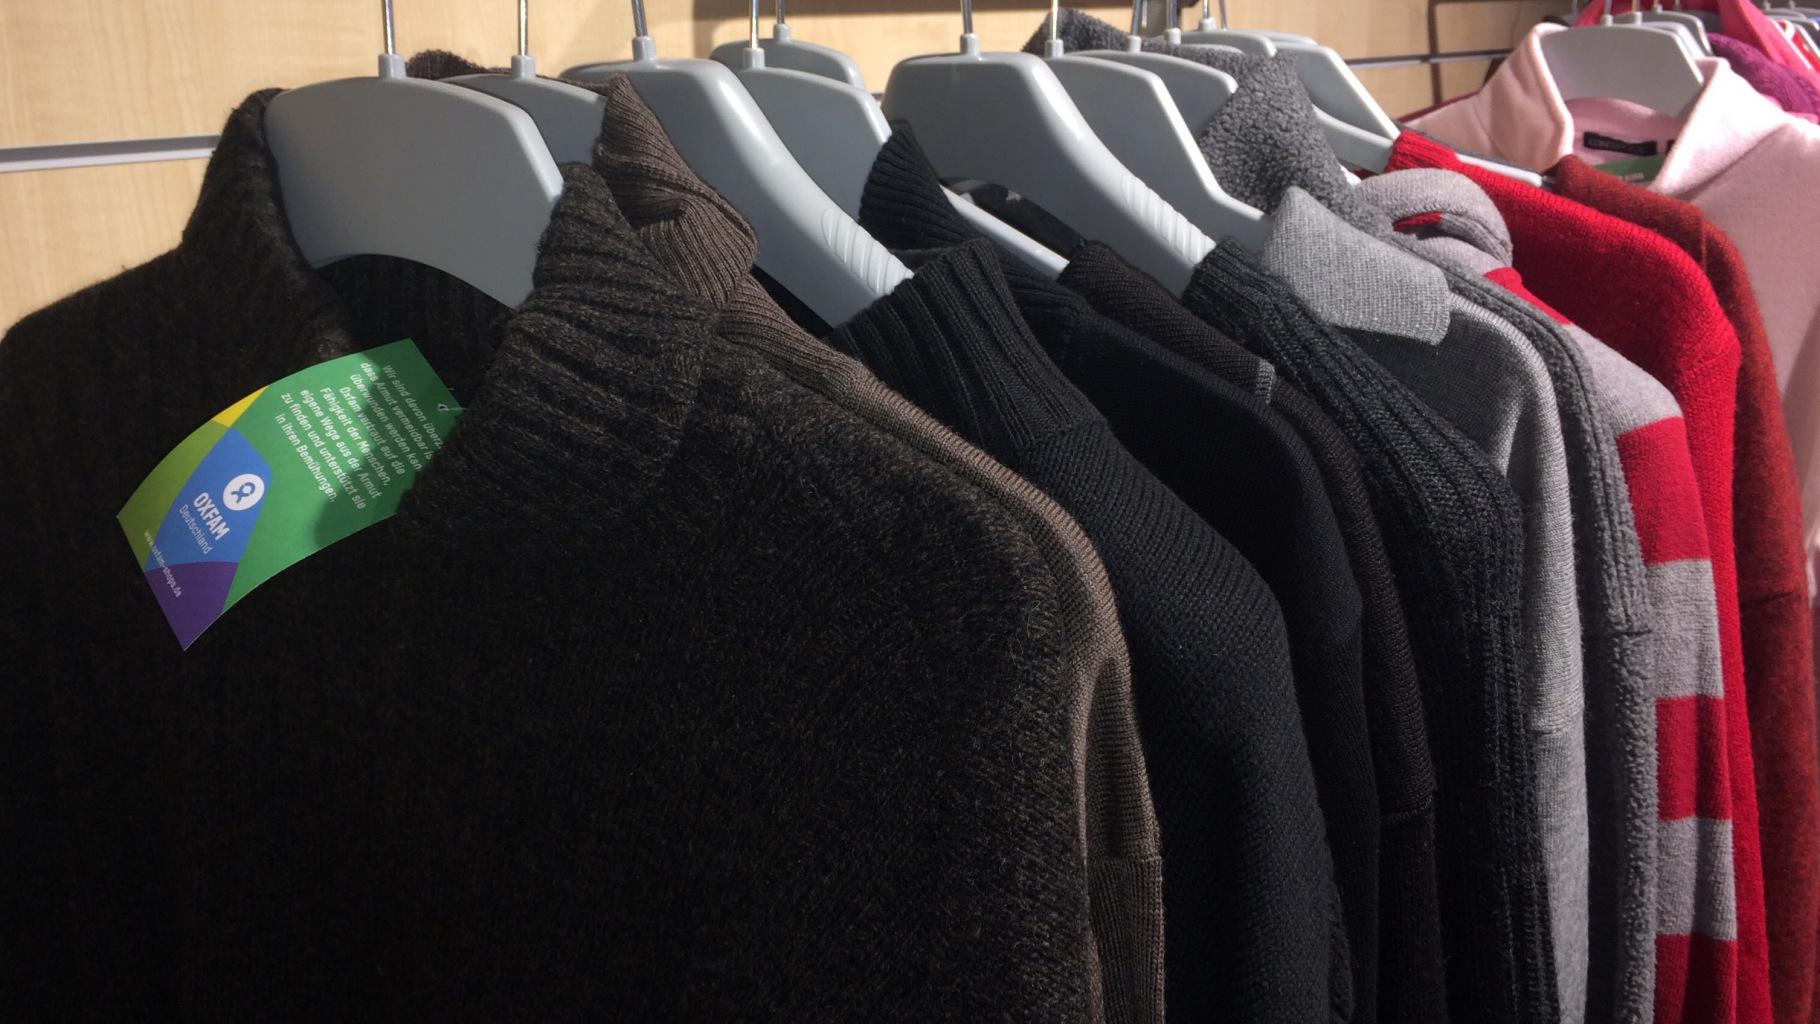 Pullover für Herren im Oxfam Shop